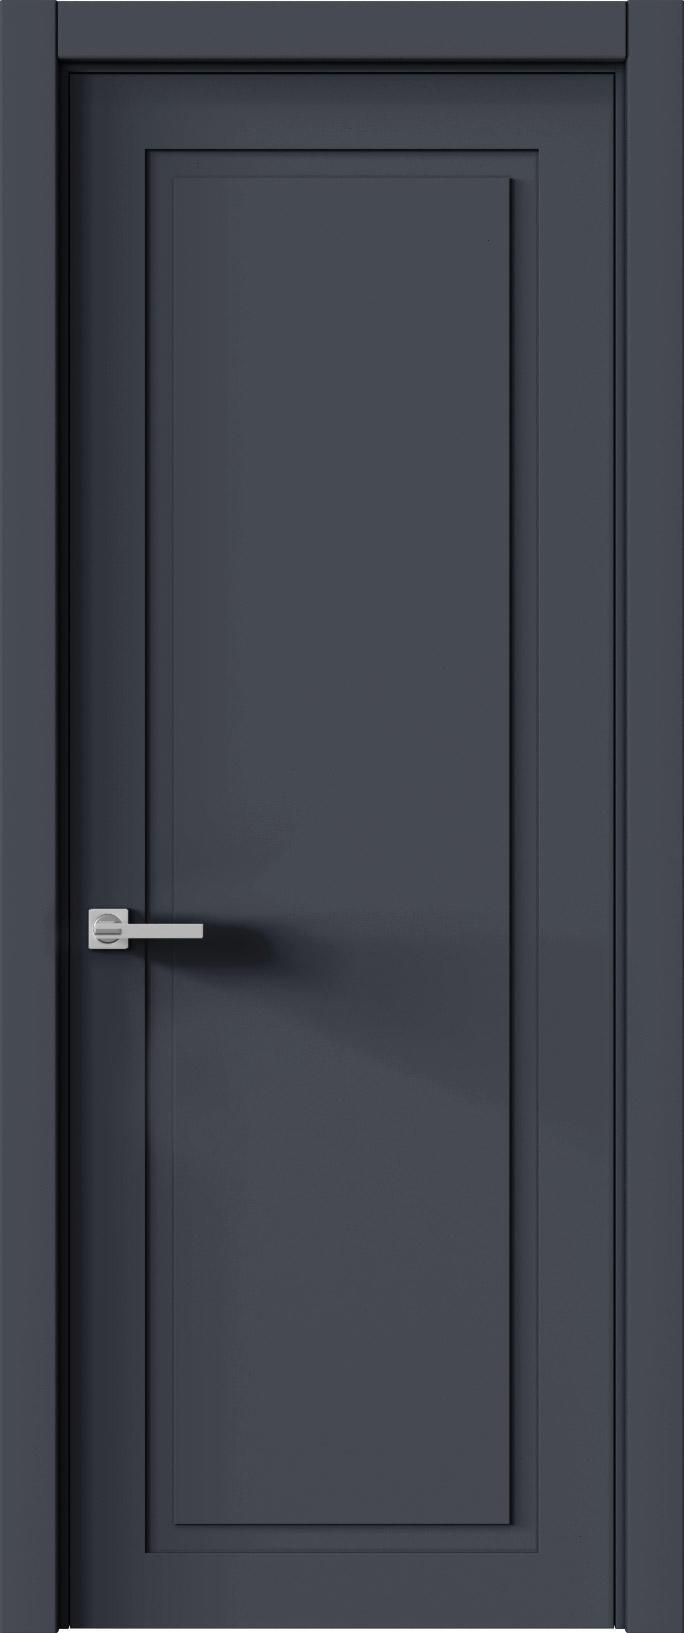 Tivoli Д-5 цвет - Графитово-серая эмаль (RAL 7024) Без стекла (ДГ)